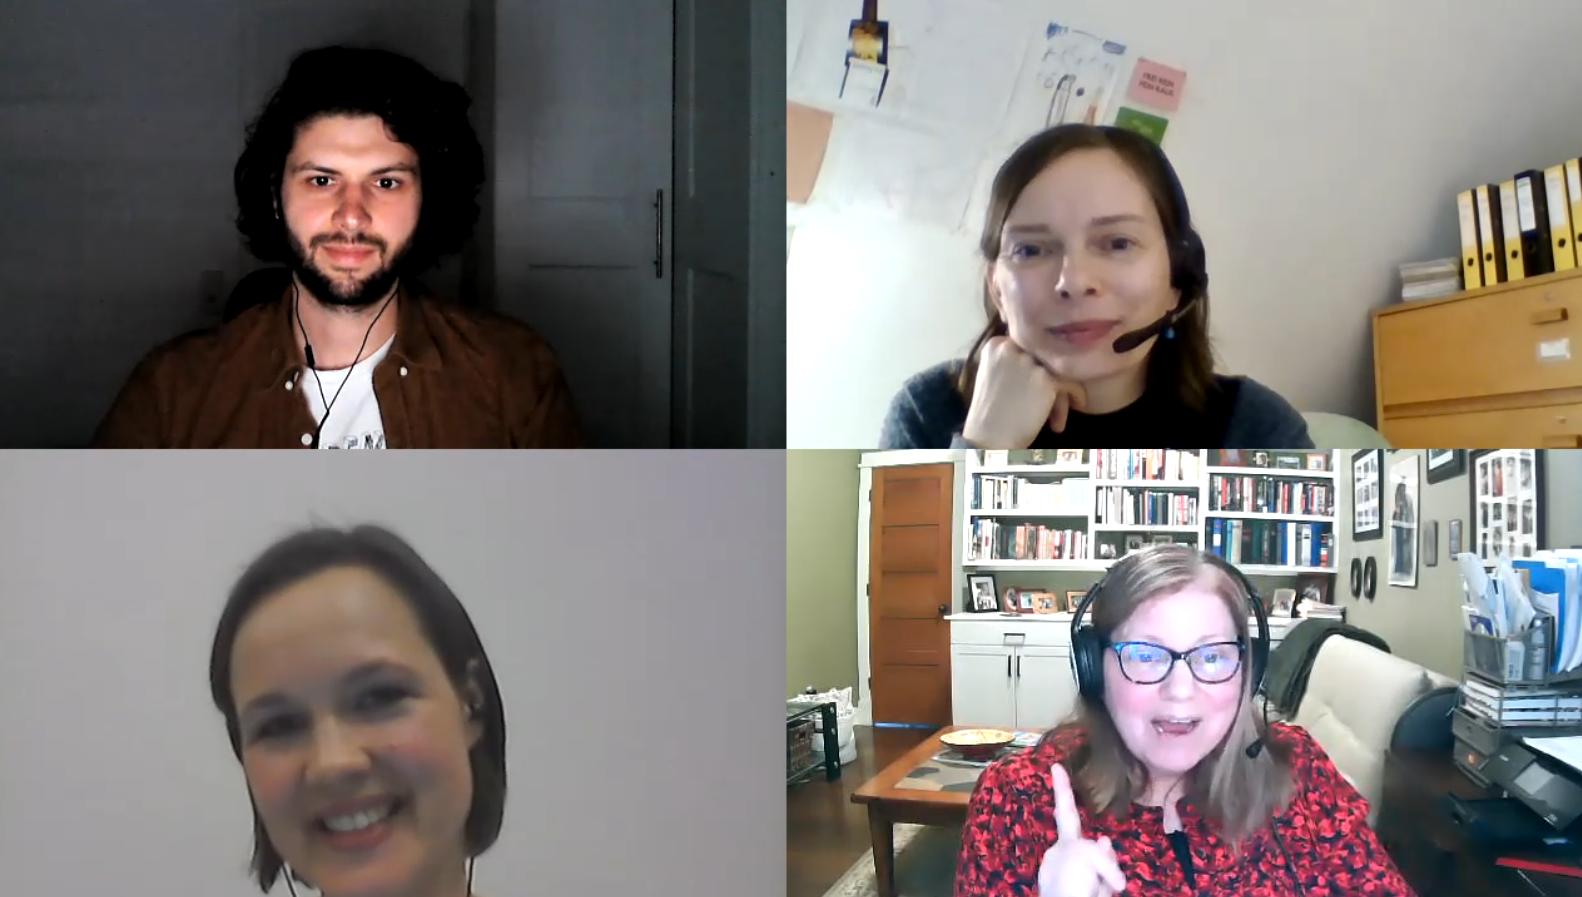 Abb. Screenshot des Interviews von links oben im Uhrzeigersinn: Robin Knapp (Medienproduzent), Dr. Katja Lindenau (SKD), Carol Heumann Snider, Melanie Wittchow (Lenbachhaus München)